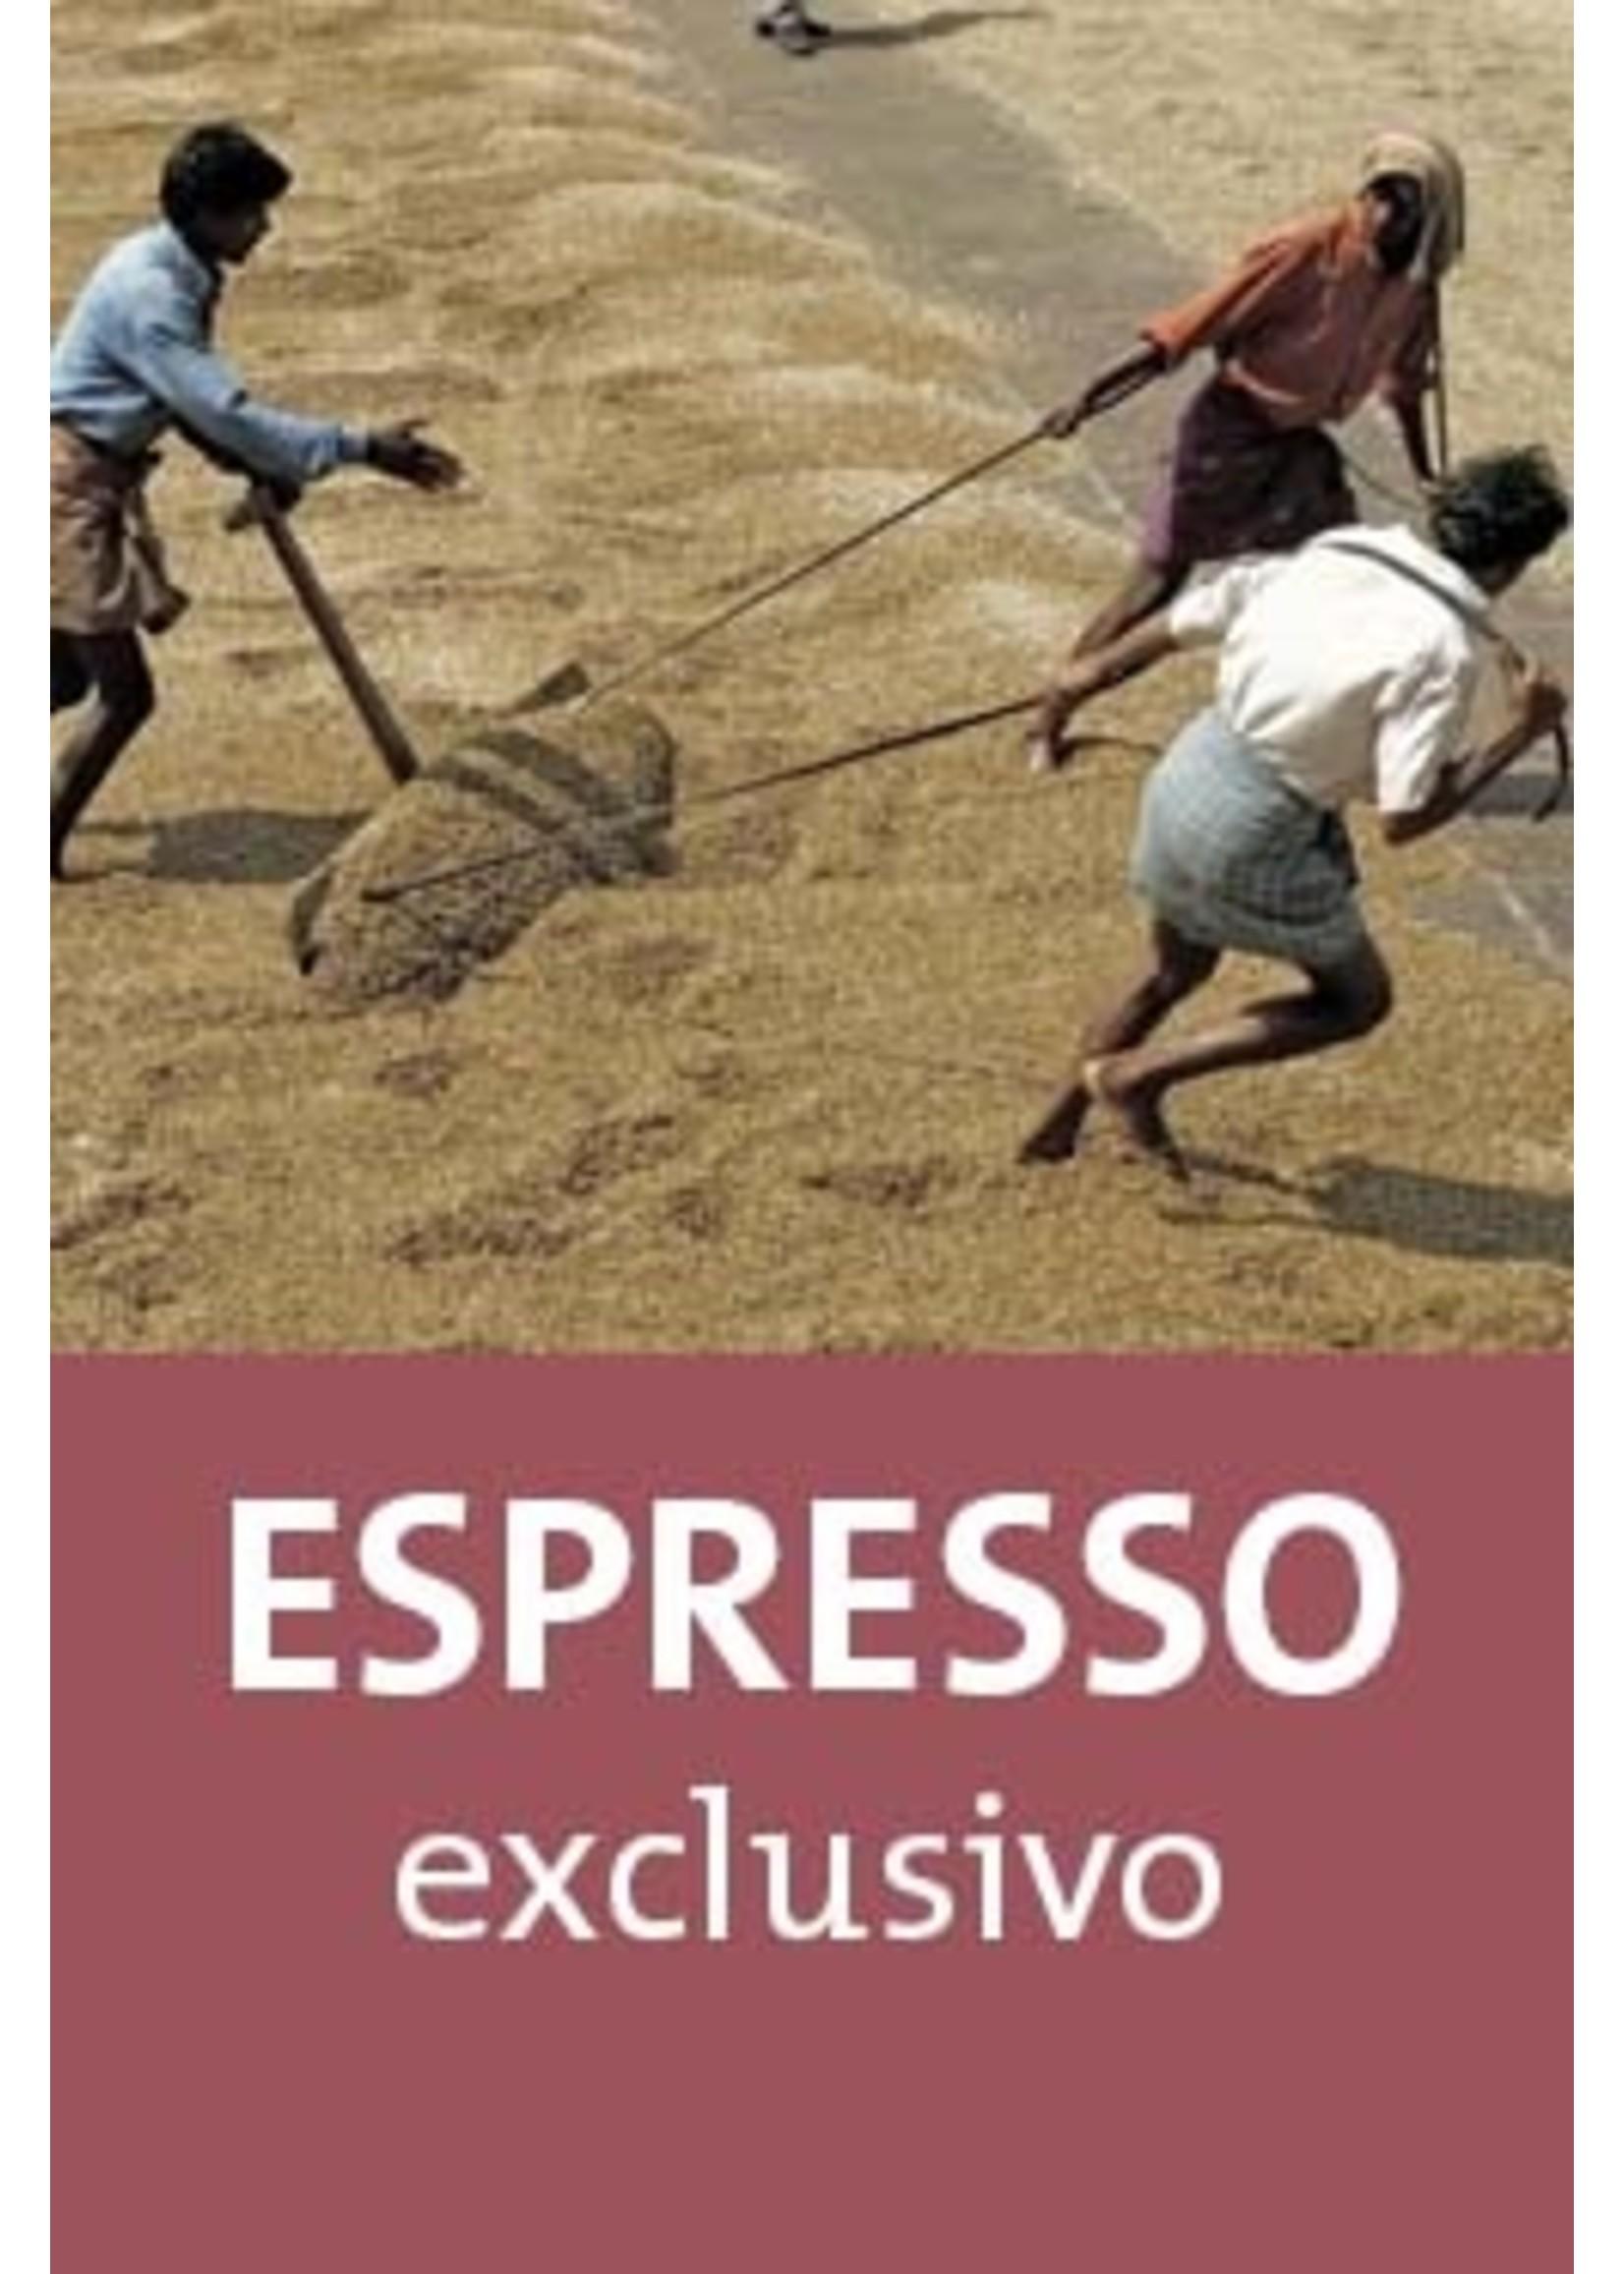 De KoffieMeulen Exclusivo Espresso